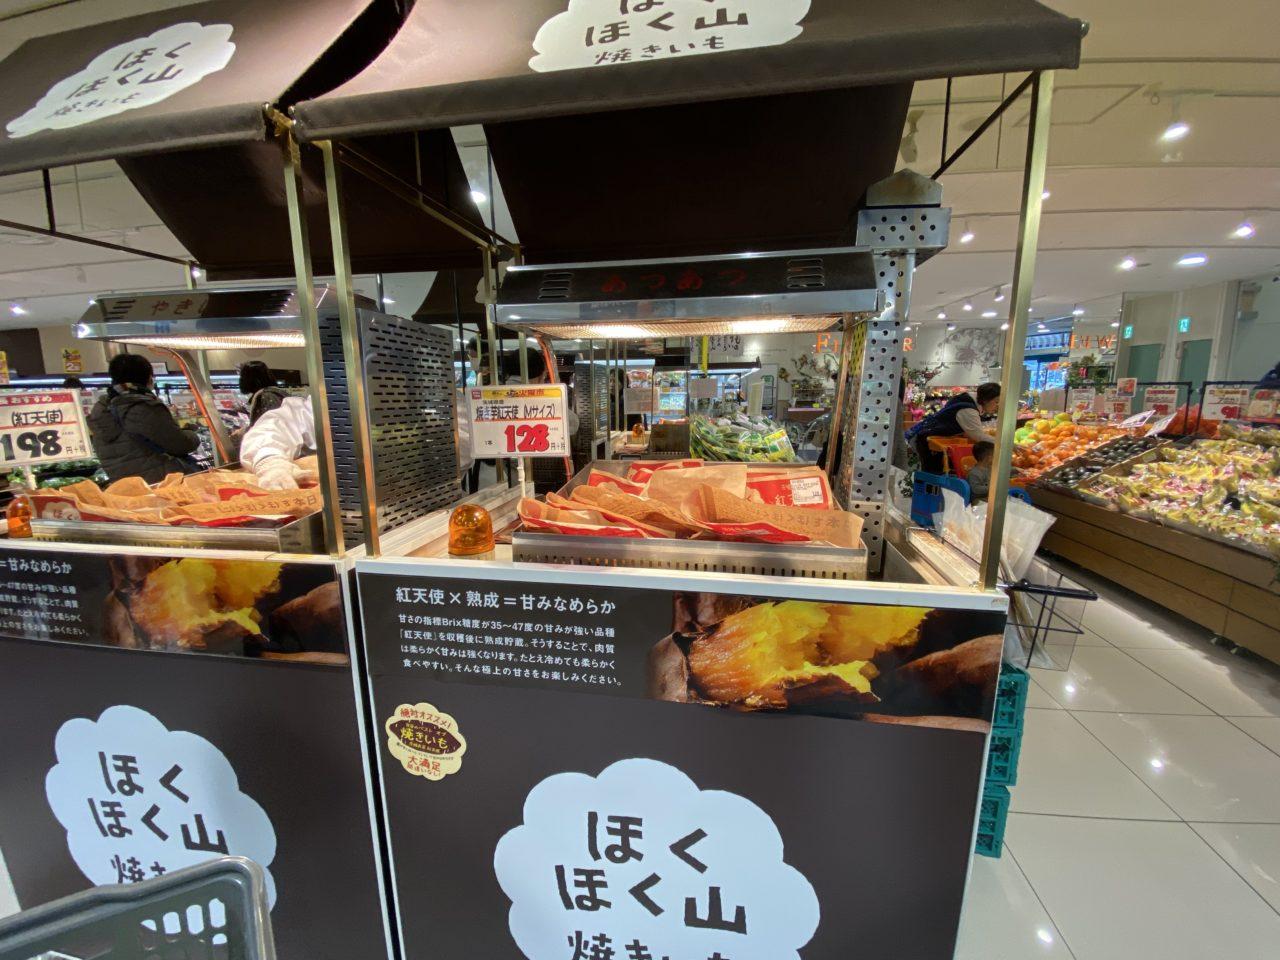 ゆめタウン姫路内で売っていた「ほくほく山焼きいも」を買ってフクスケの焼きいもとどっちが美味しいか比べてみた